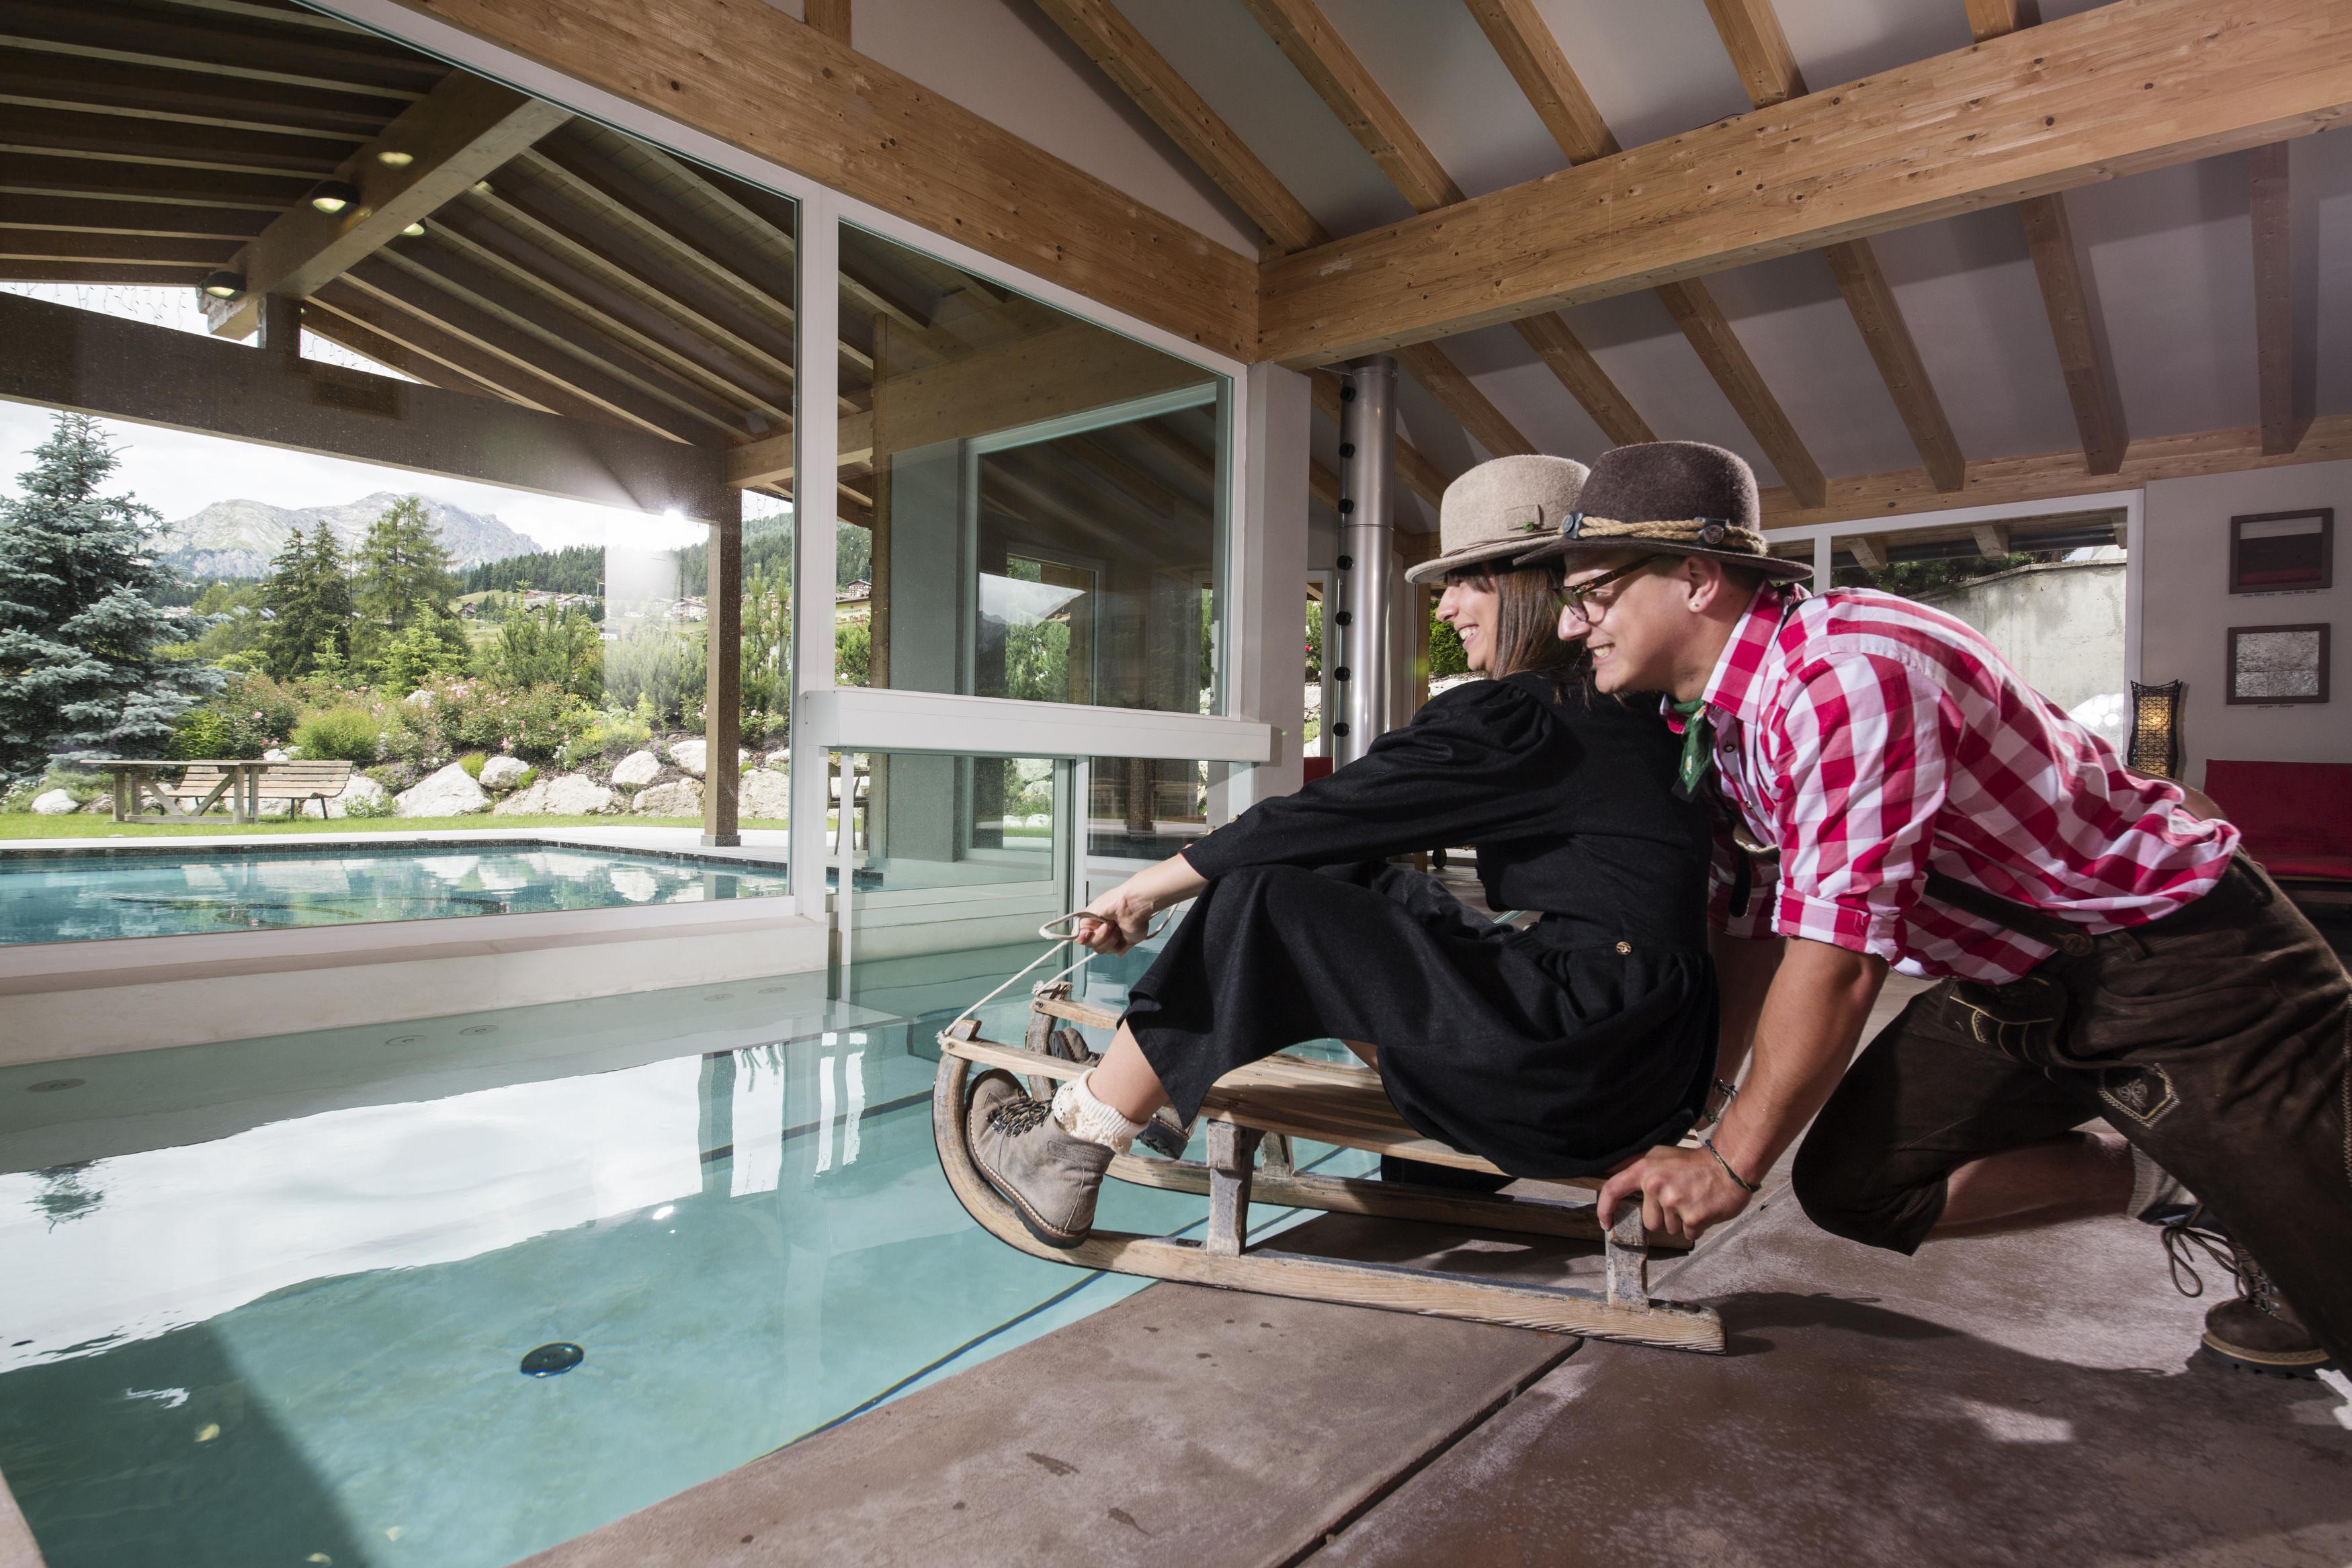 Hotel val di fassa con piscina trento 2018 - Hotel con piscina riscaldata montagna ...